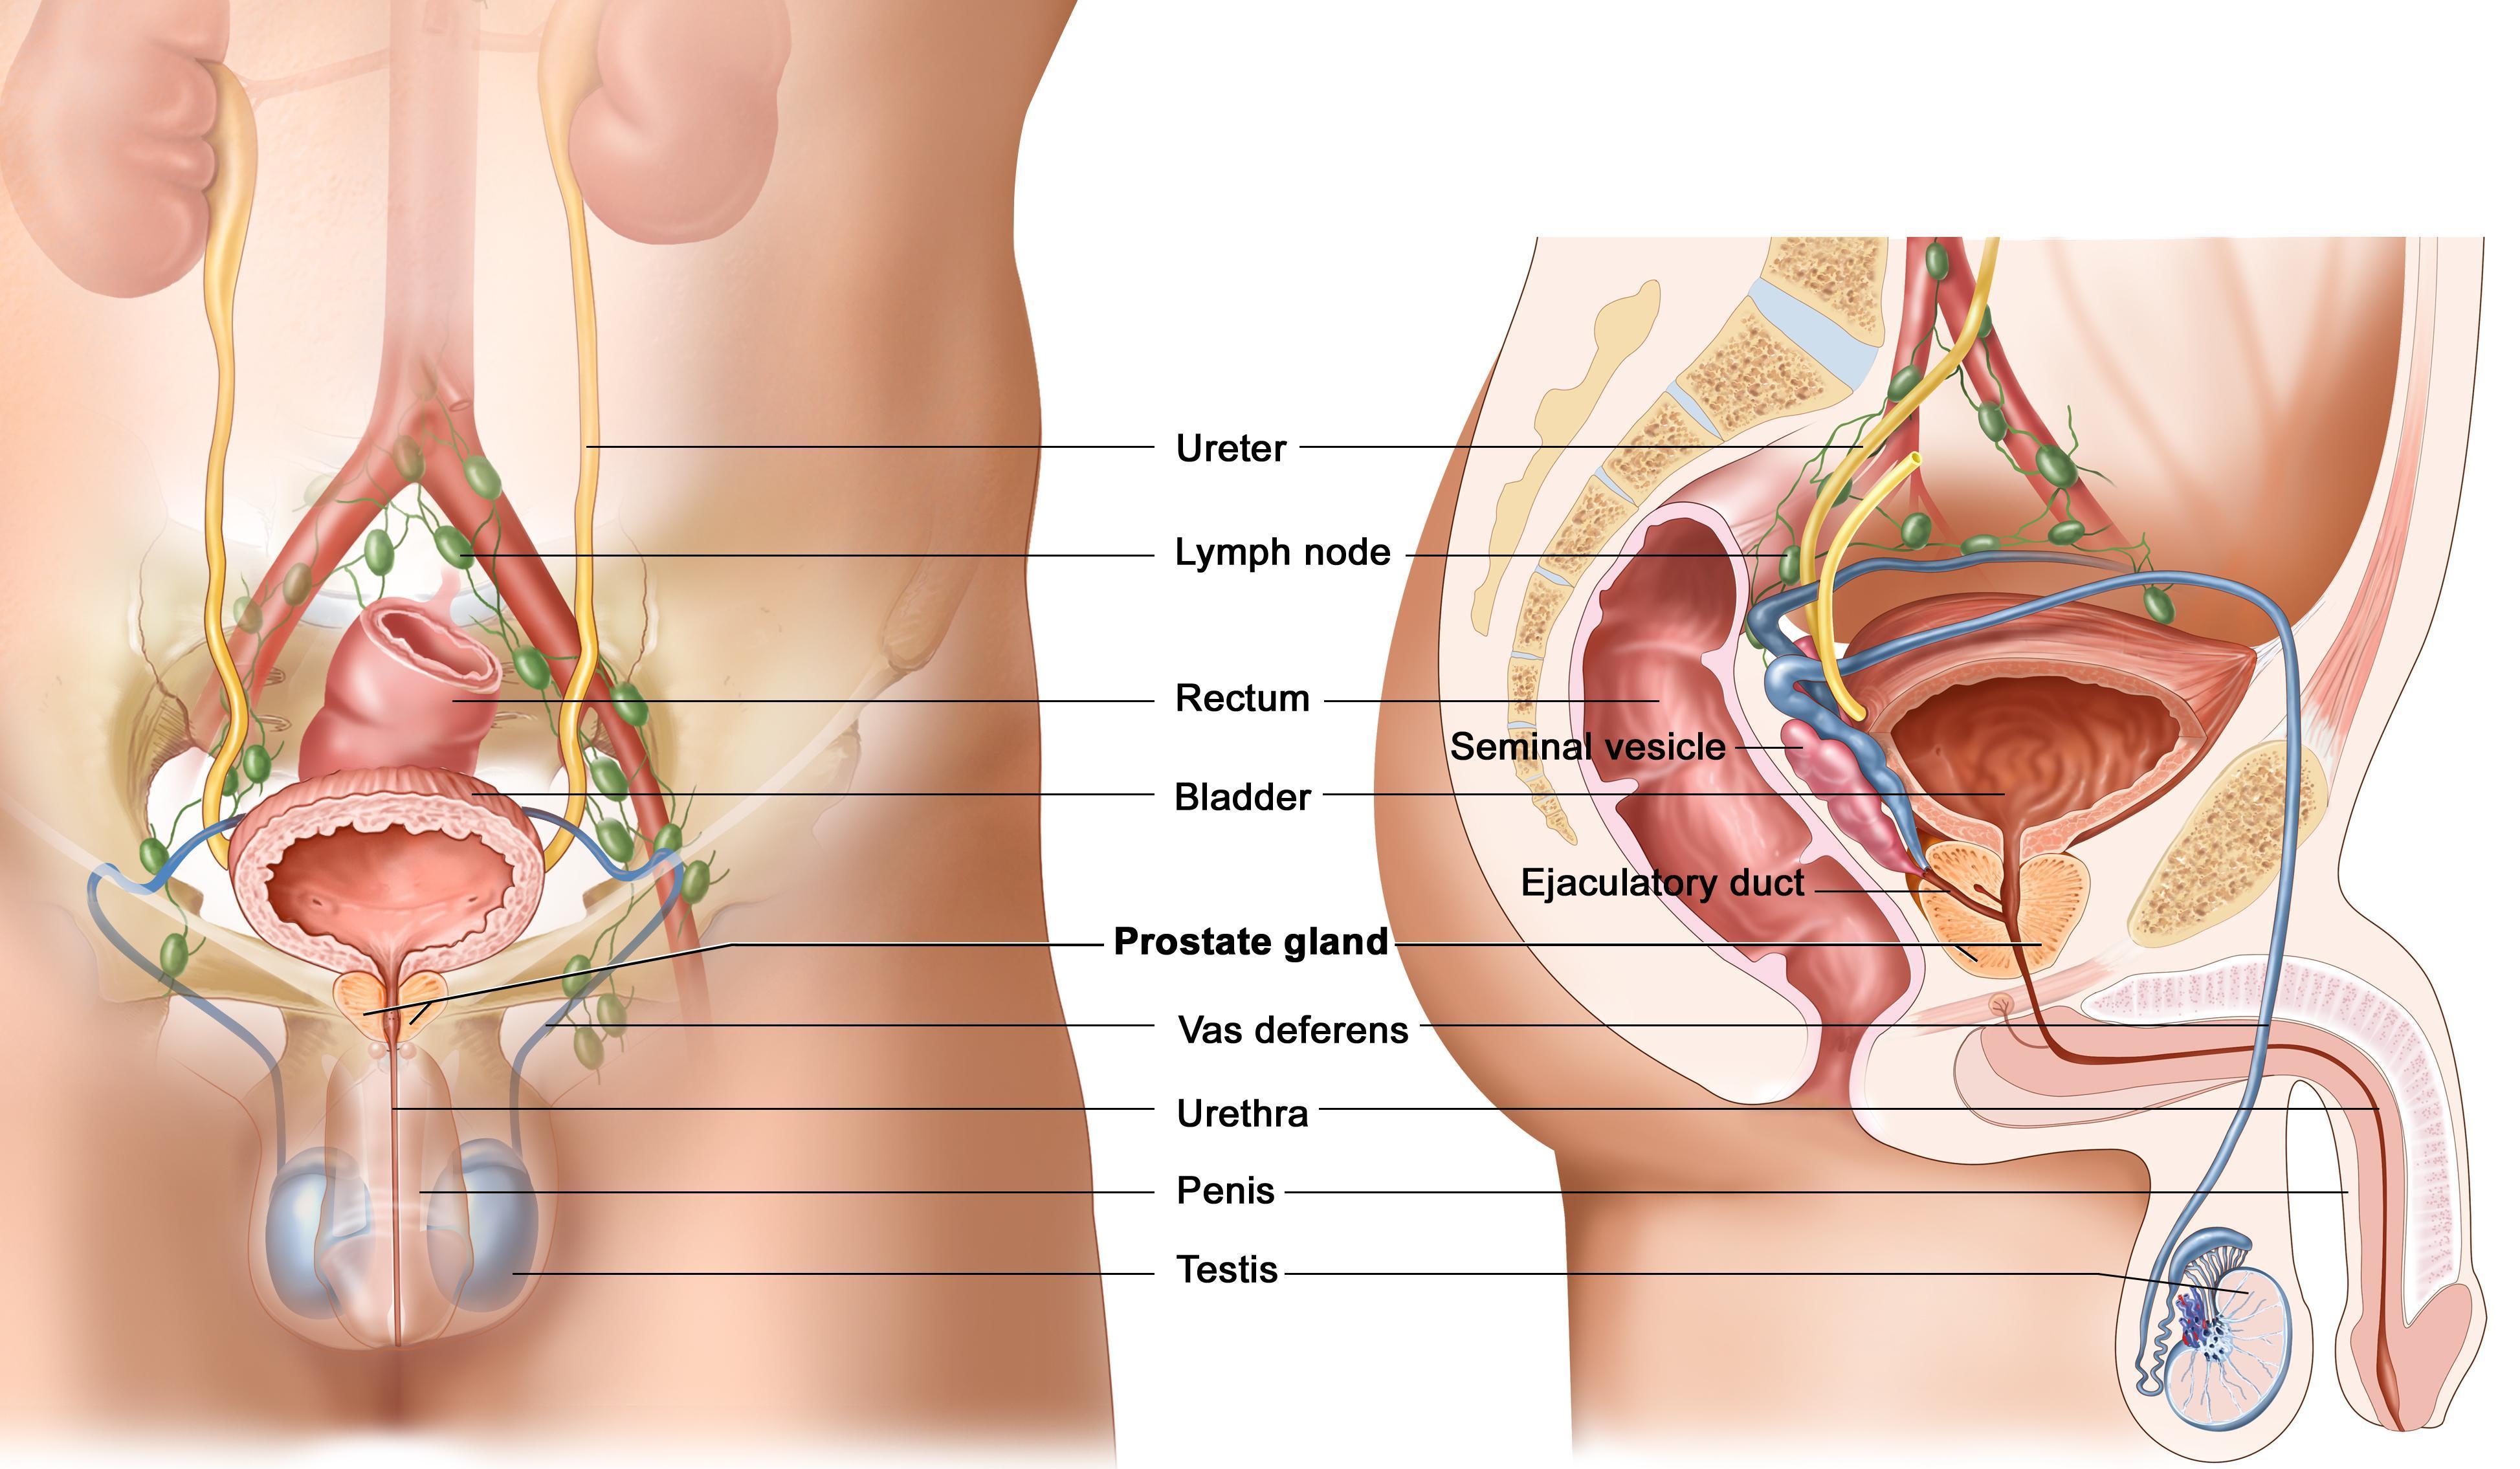 Печіння після сечовипускання у чоловіків: можливі причини